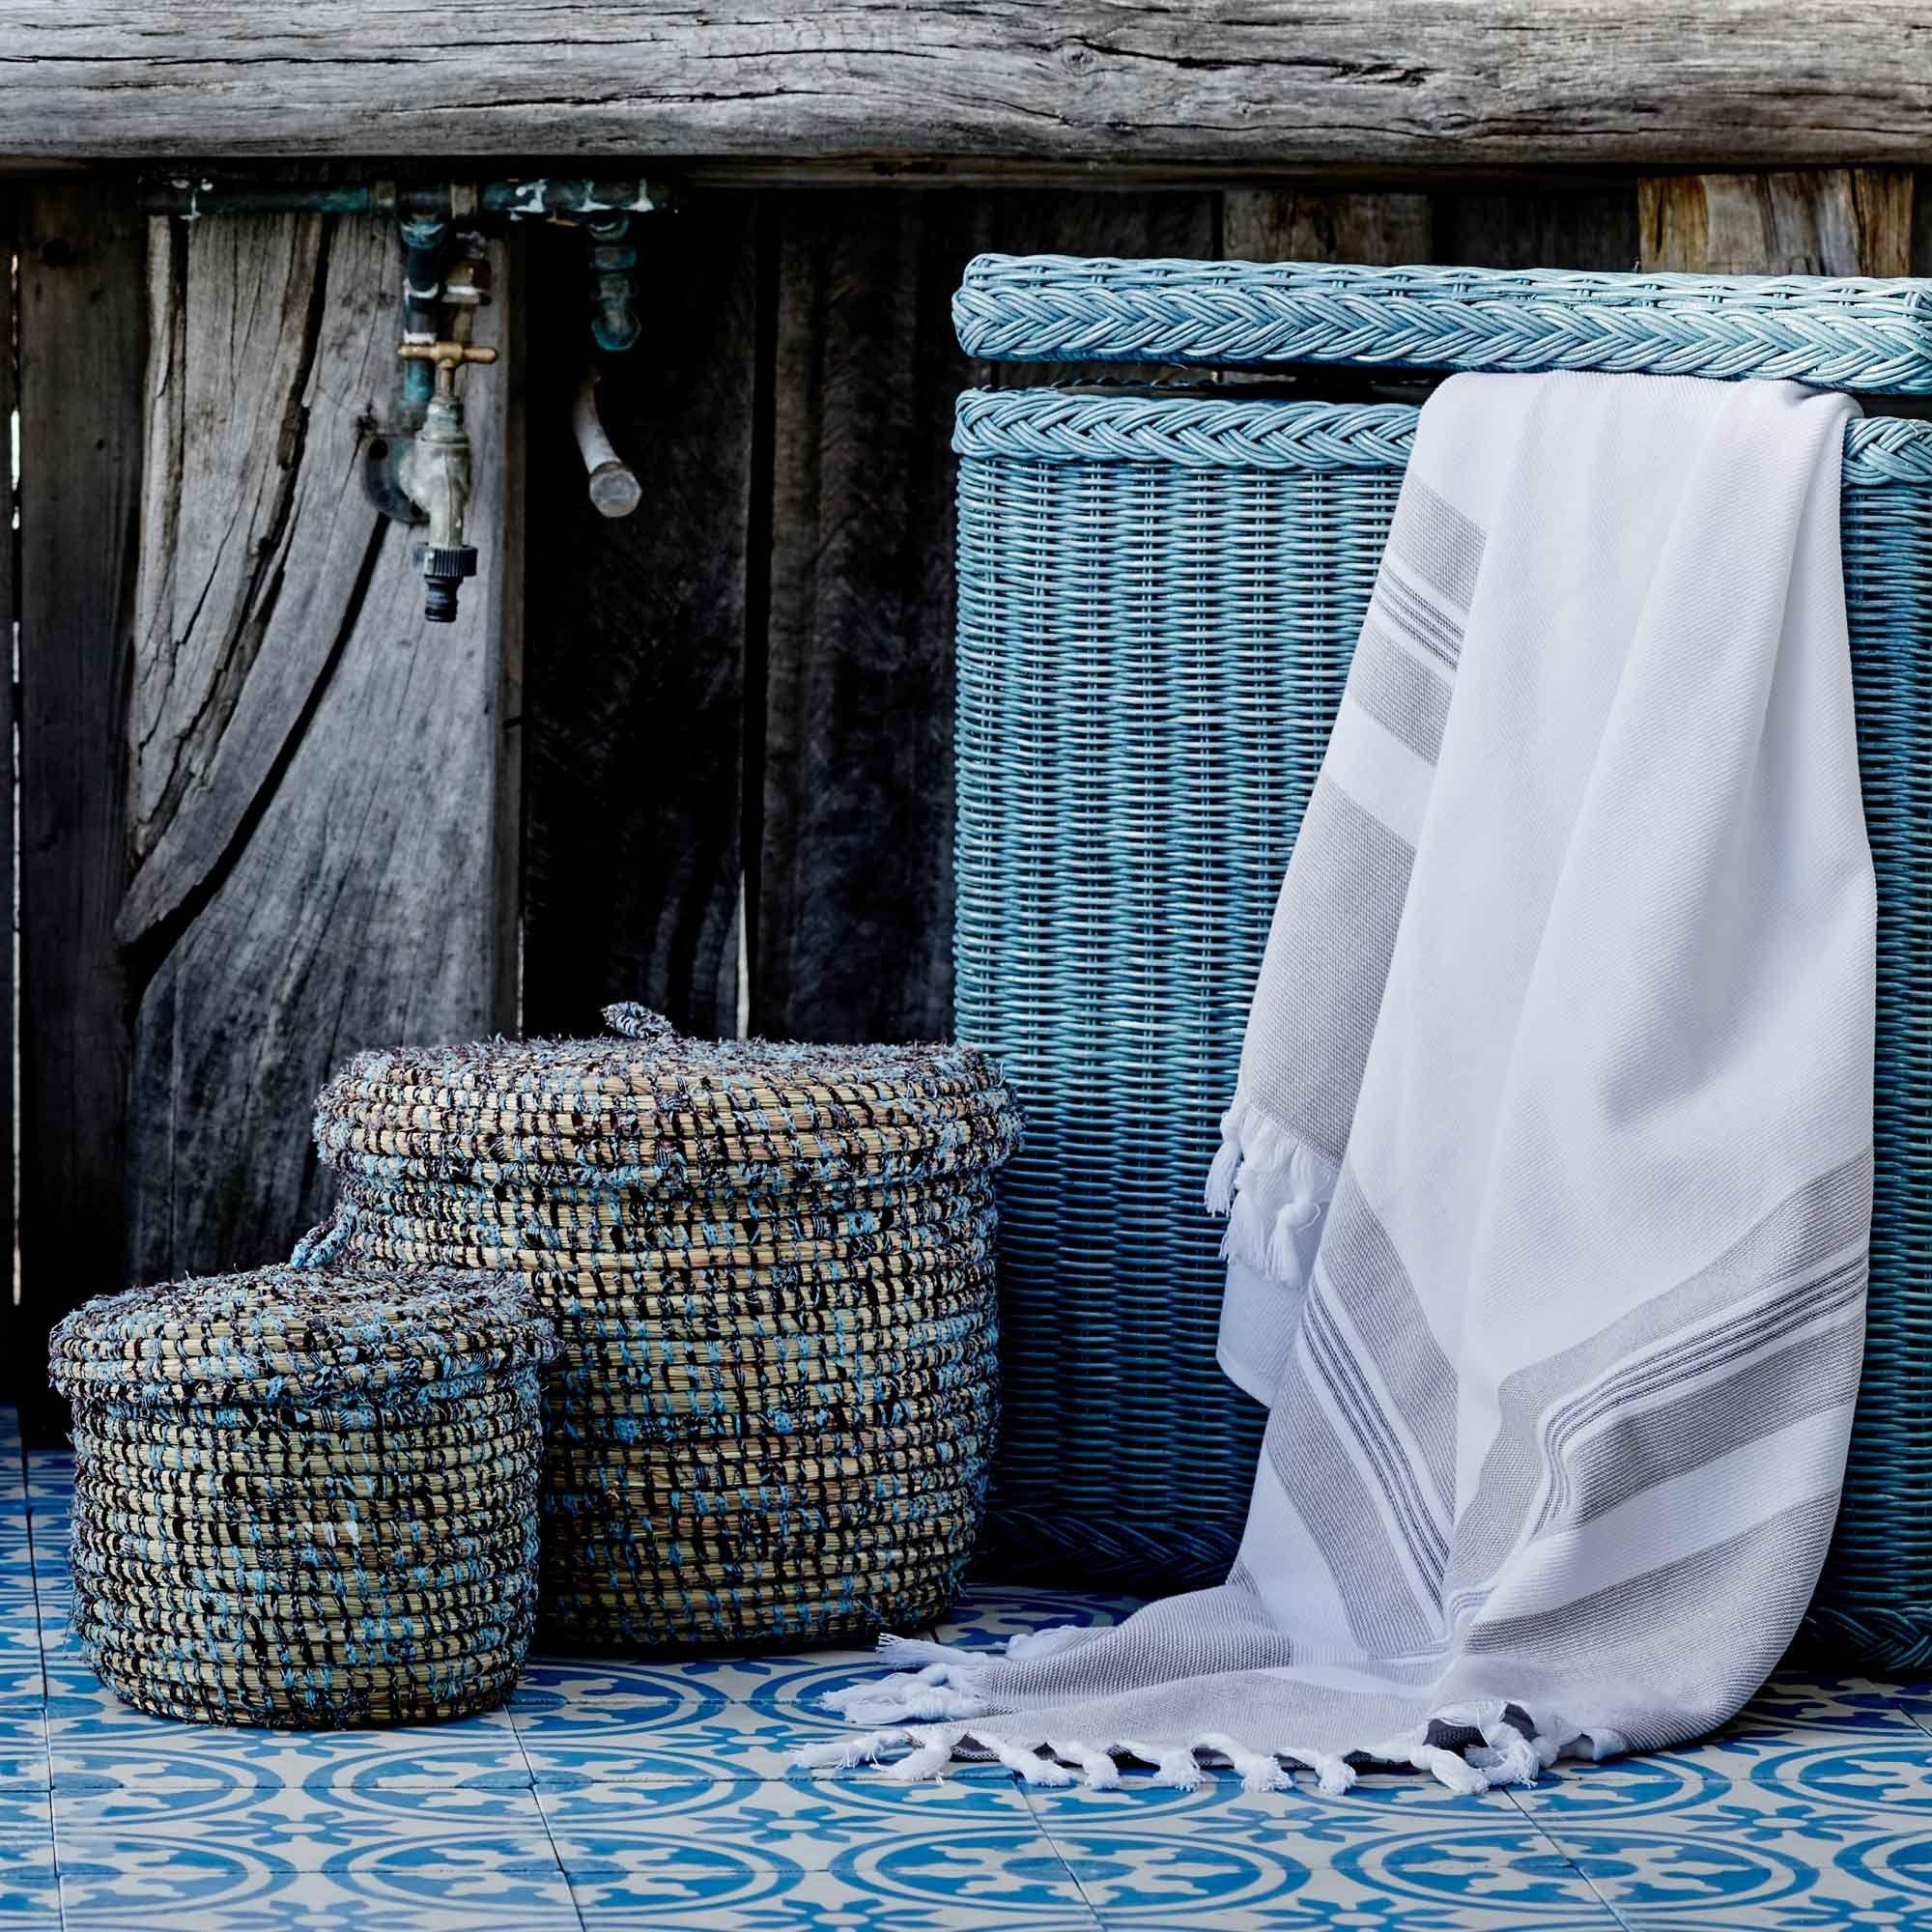 f r unseren stilvollen w schekorb java wird hochwertiger rattan von unseren partnern aus. Black Bedroom Furniture Sets. Home Design Ideas